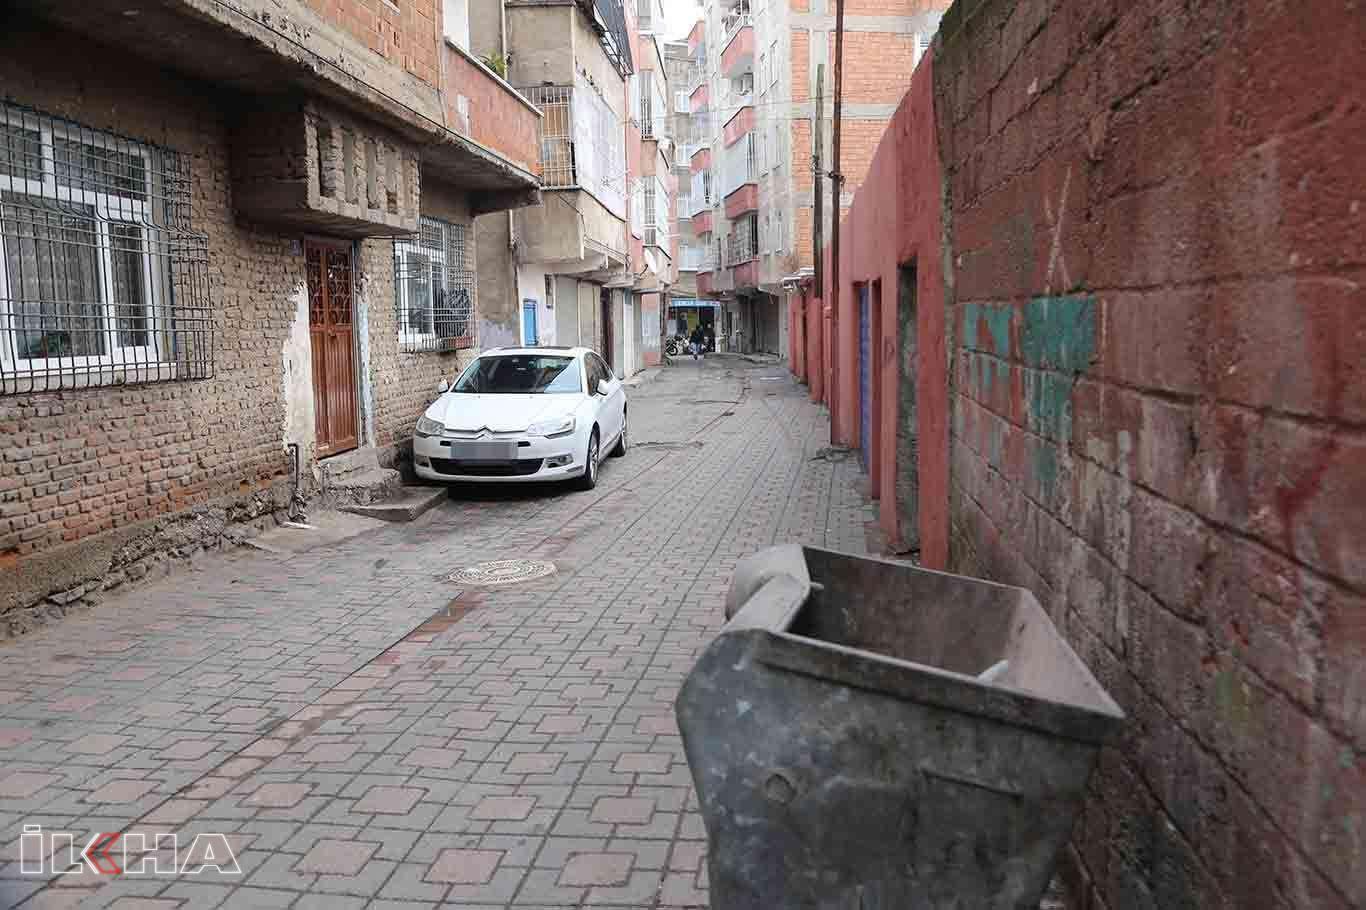 Diyarbakırda çöp konteynerinde donarak hayatını kaybetmiş bebek bulundu